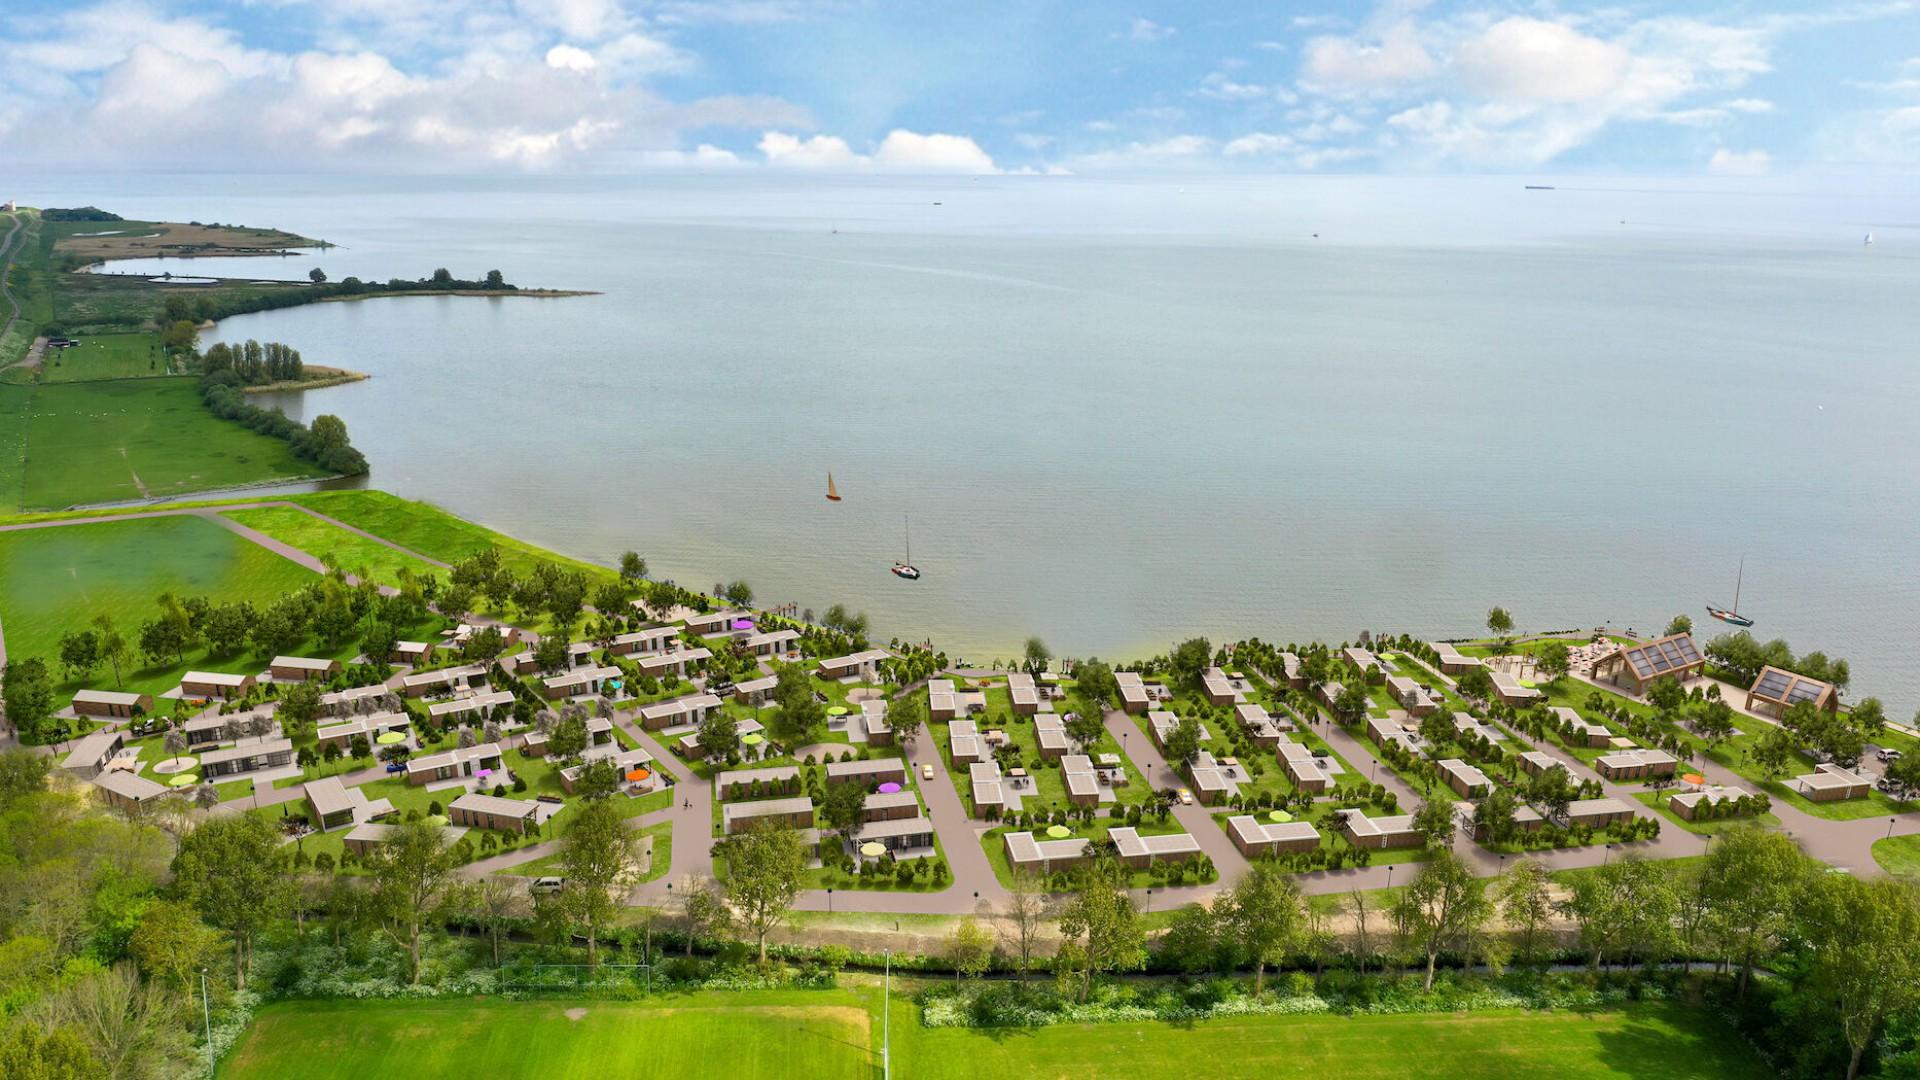 Enkhuizer Strand - Kauf Ferienhaus in der Niederlanden